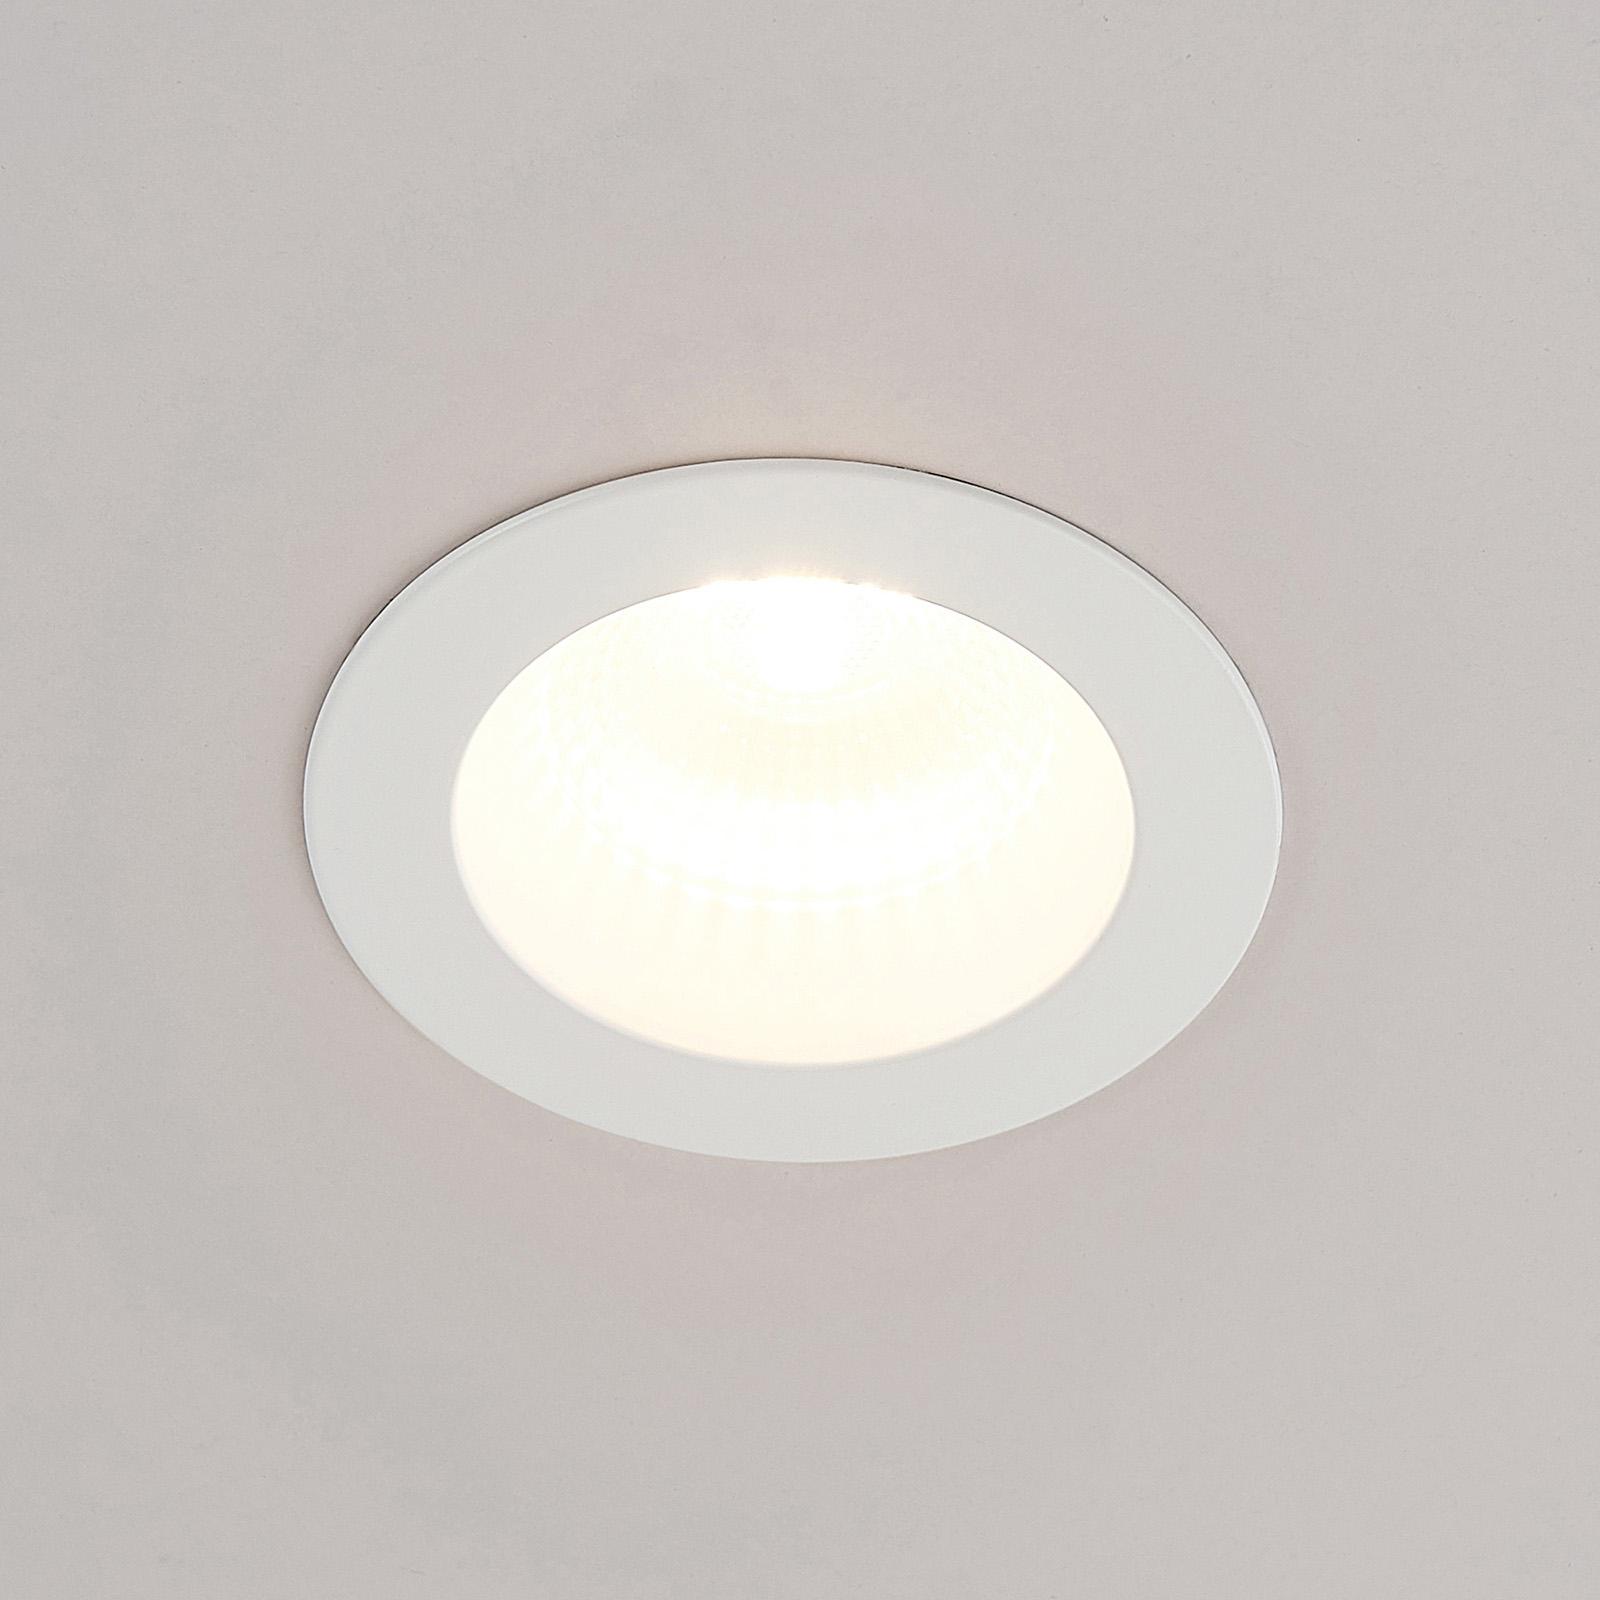 Arcchio Unai - LED-kohdevalo 2700 K IP65, 10,6W